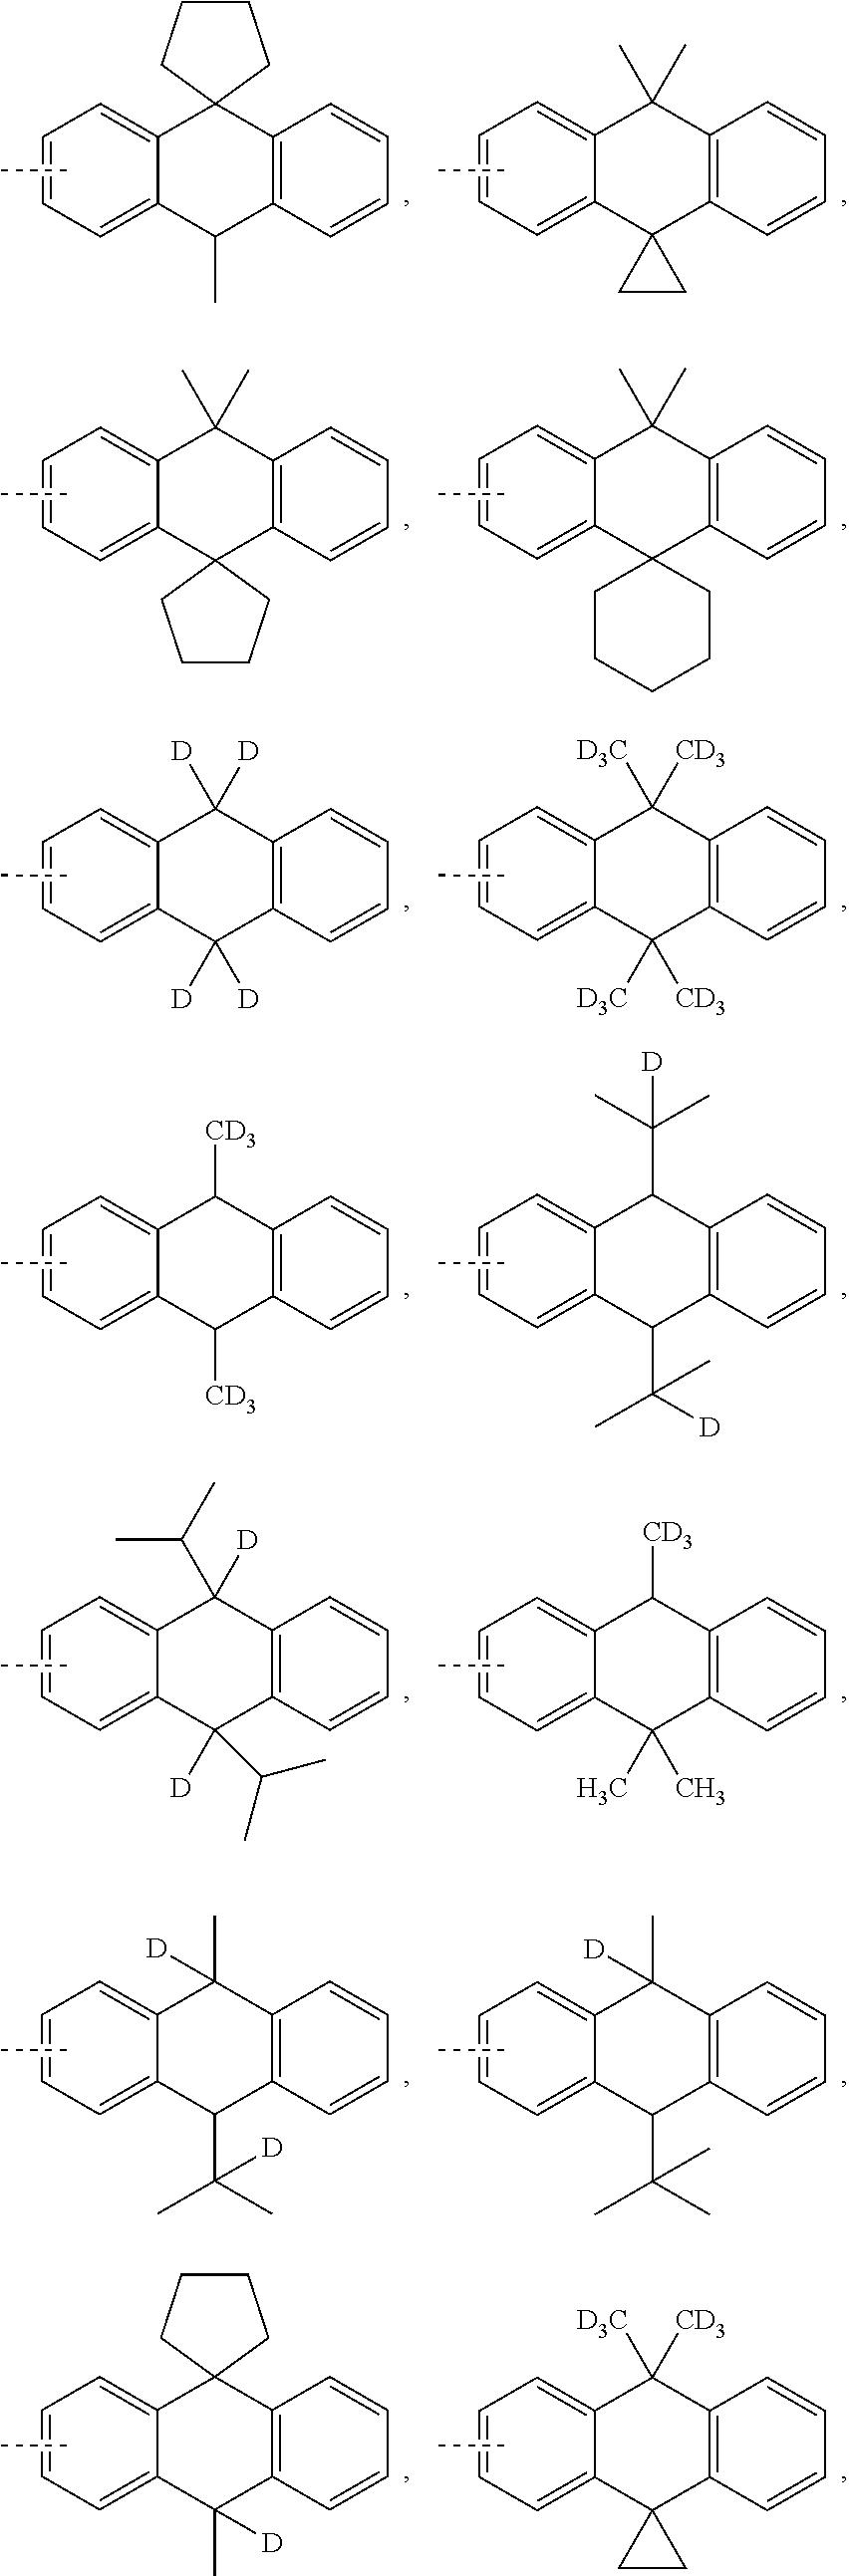 Figure US20180130962A1-20180510-C00010